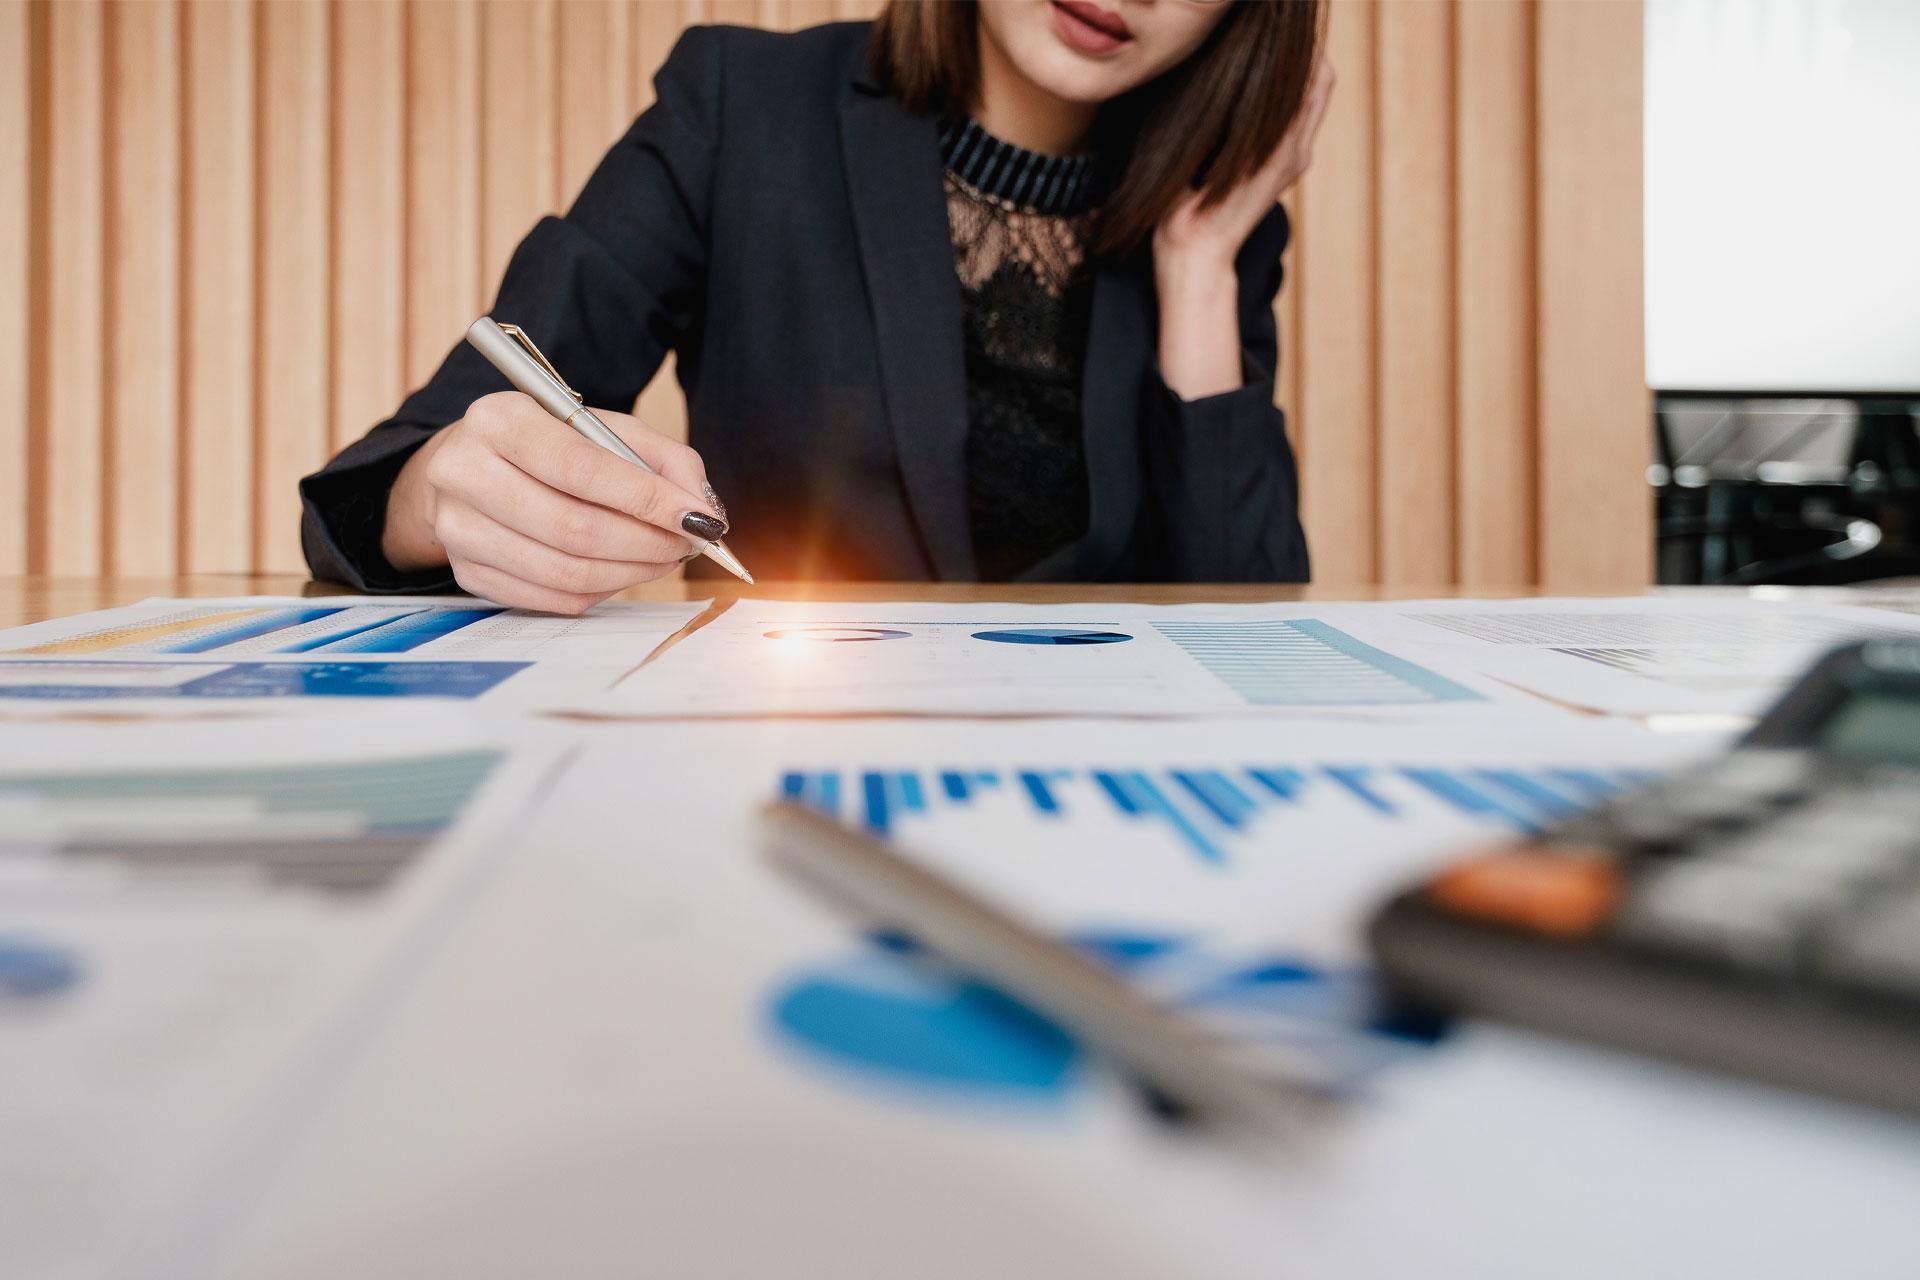 businesswoman viewing analytics paperwork